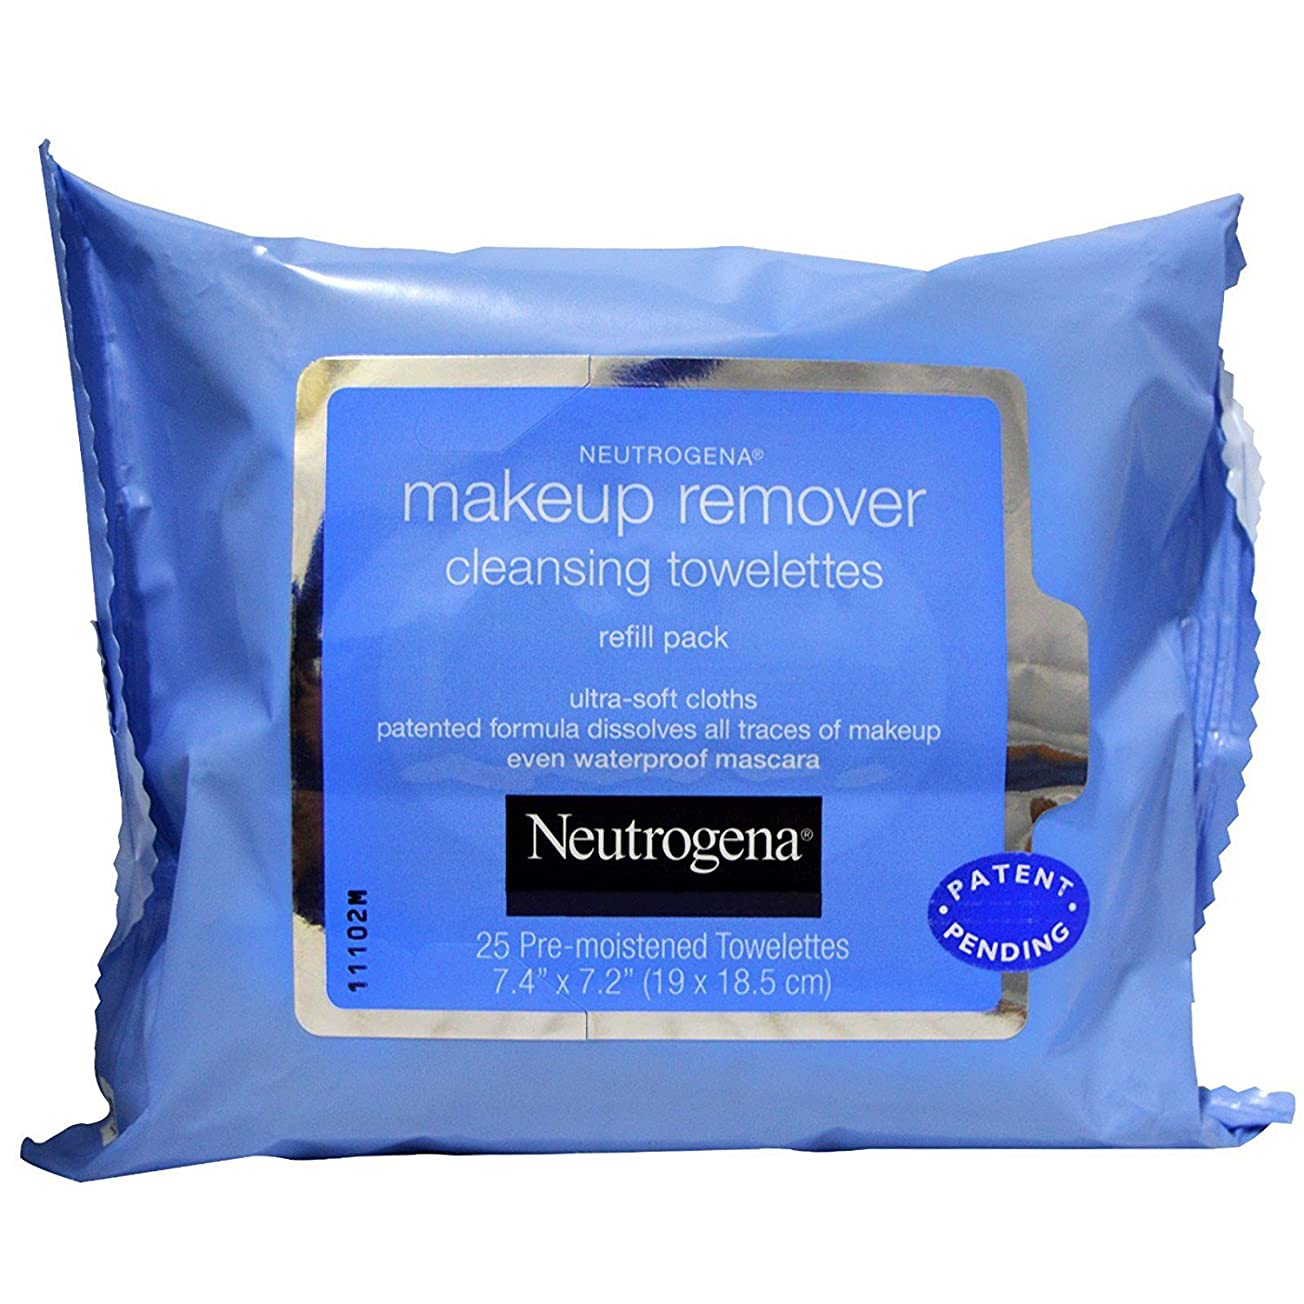 パパ災害同情NEUTROGENA Makeup Remover Cleansing Towelettes Refill Pack - 25 Count - 25 Towelettes